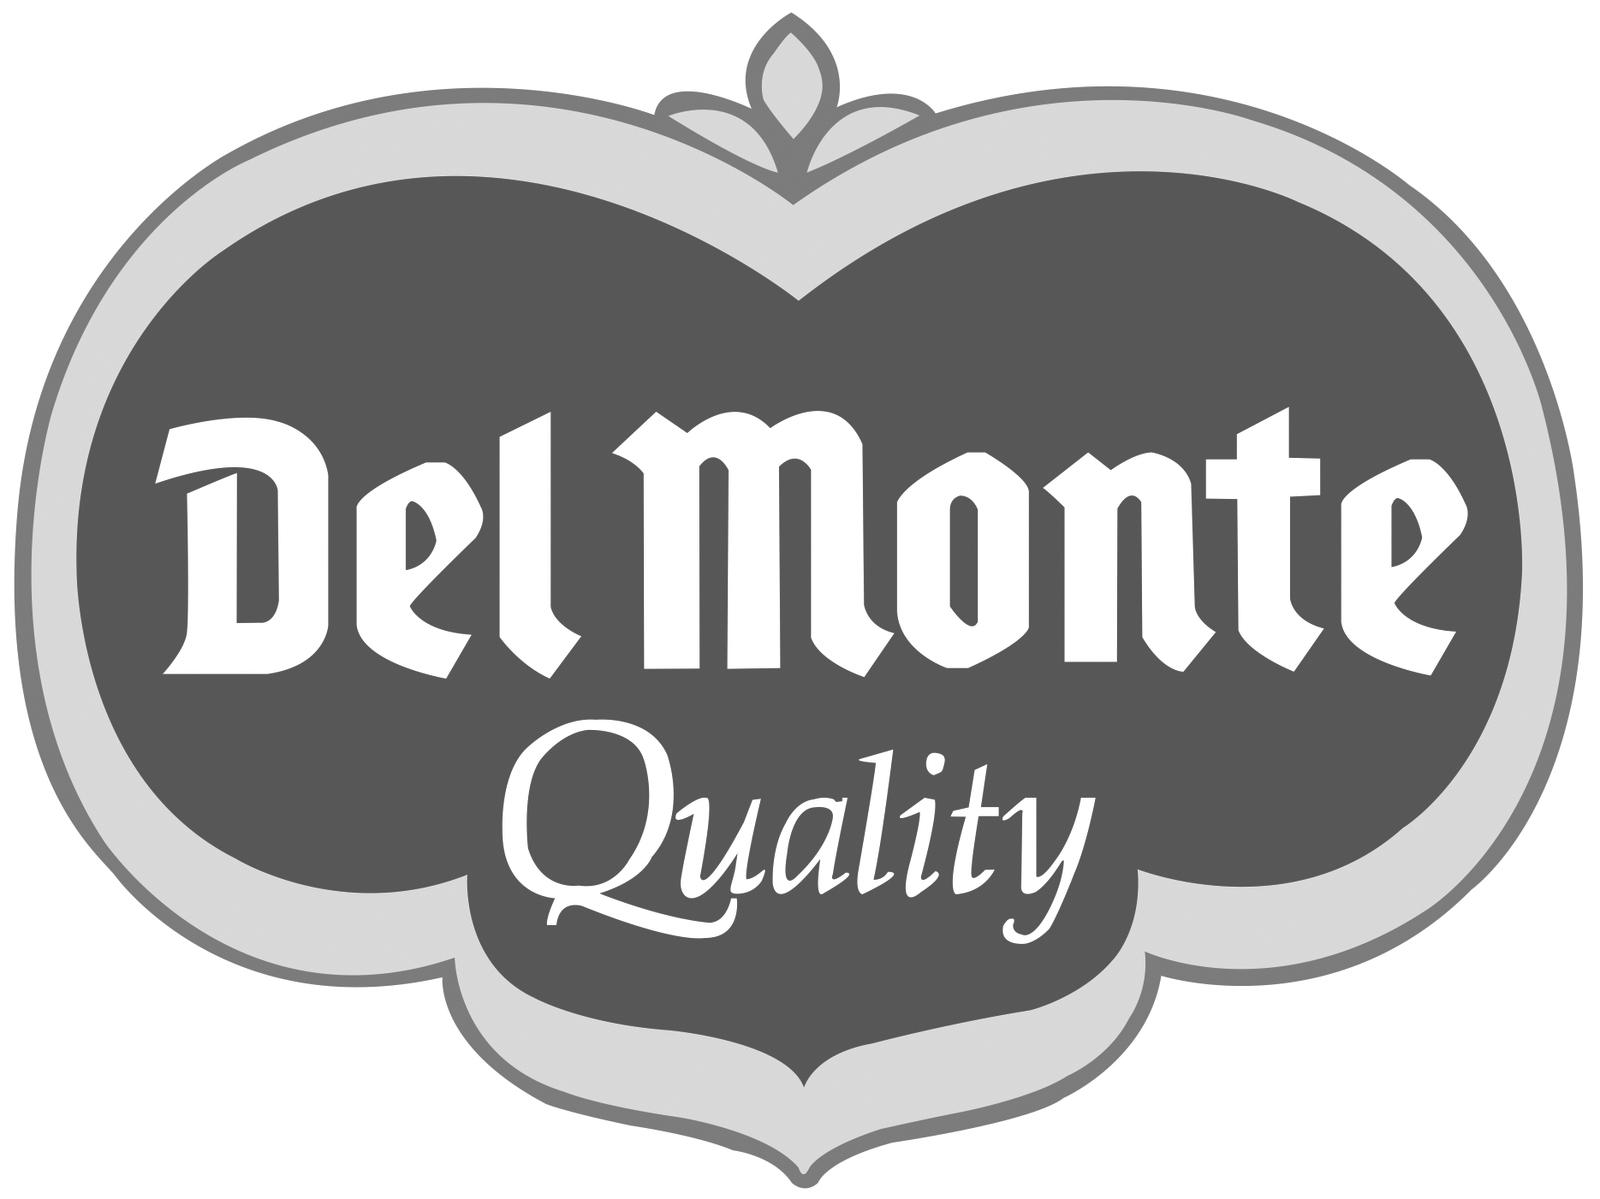 del_monte_logo_by_jddelgado-d3derat.jpg